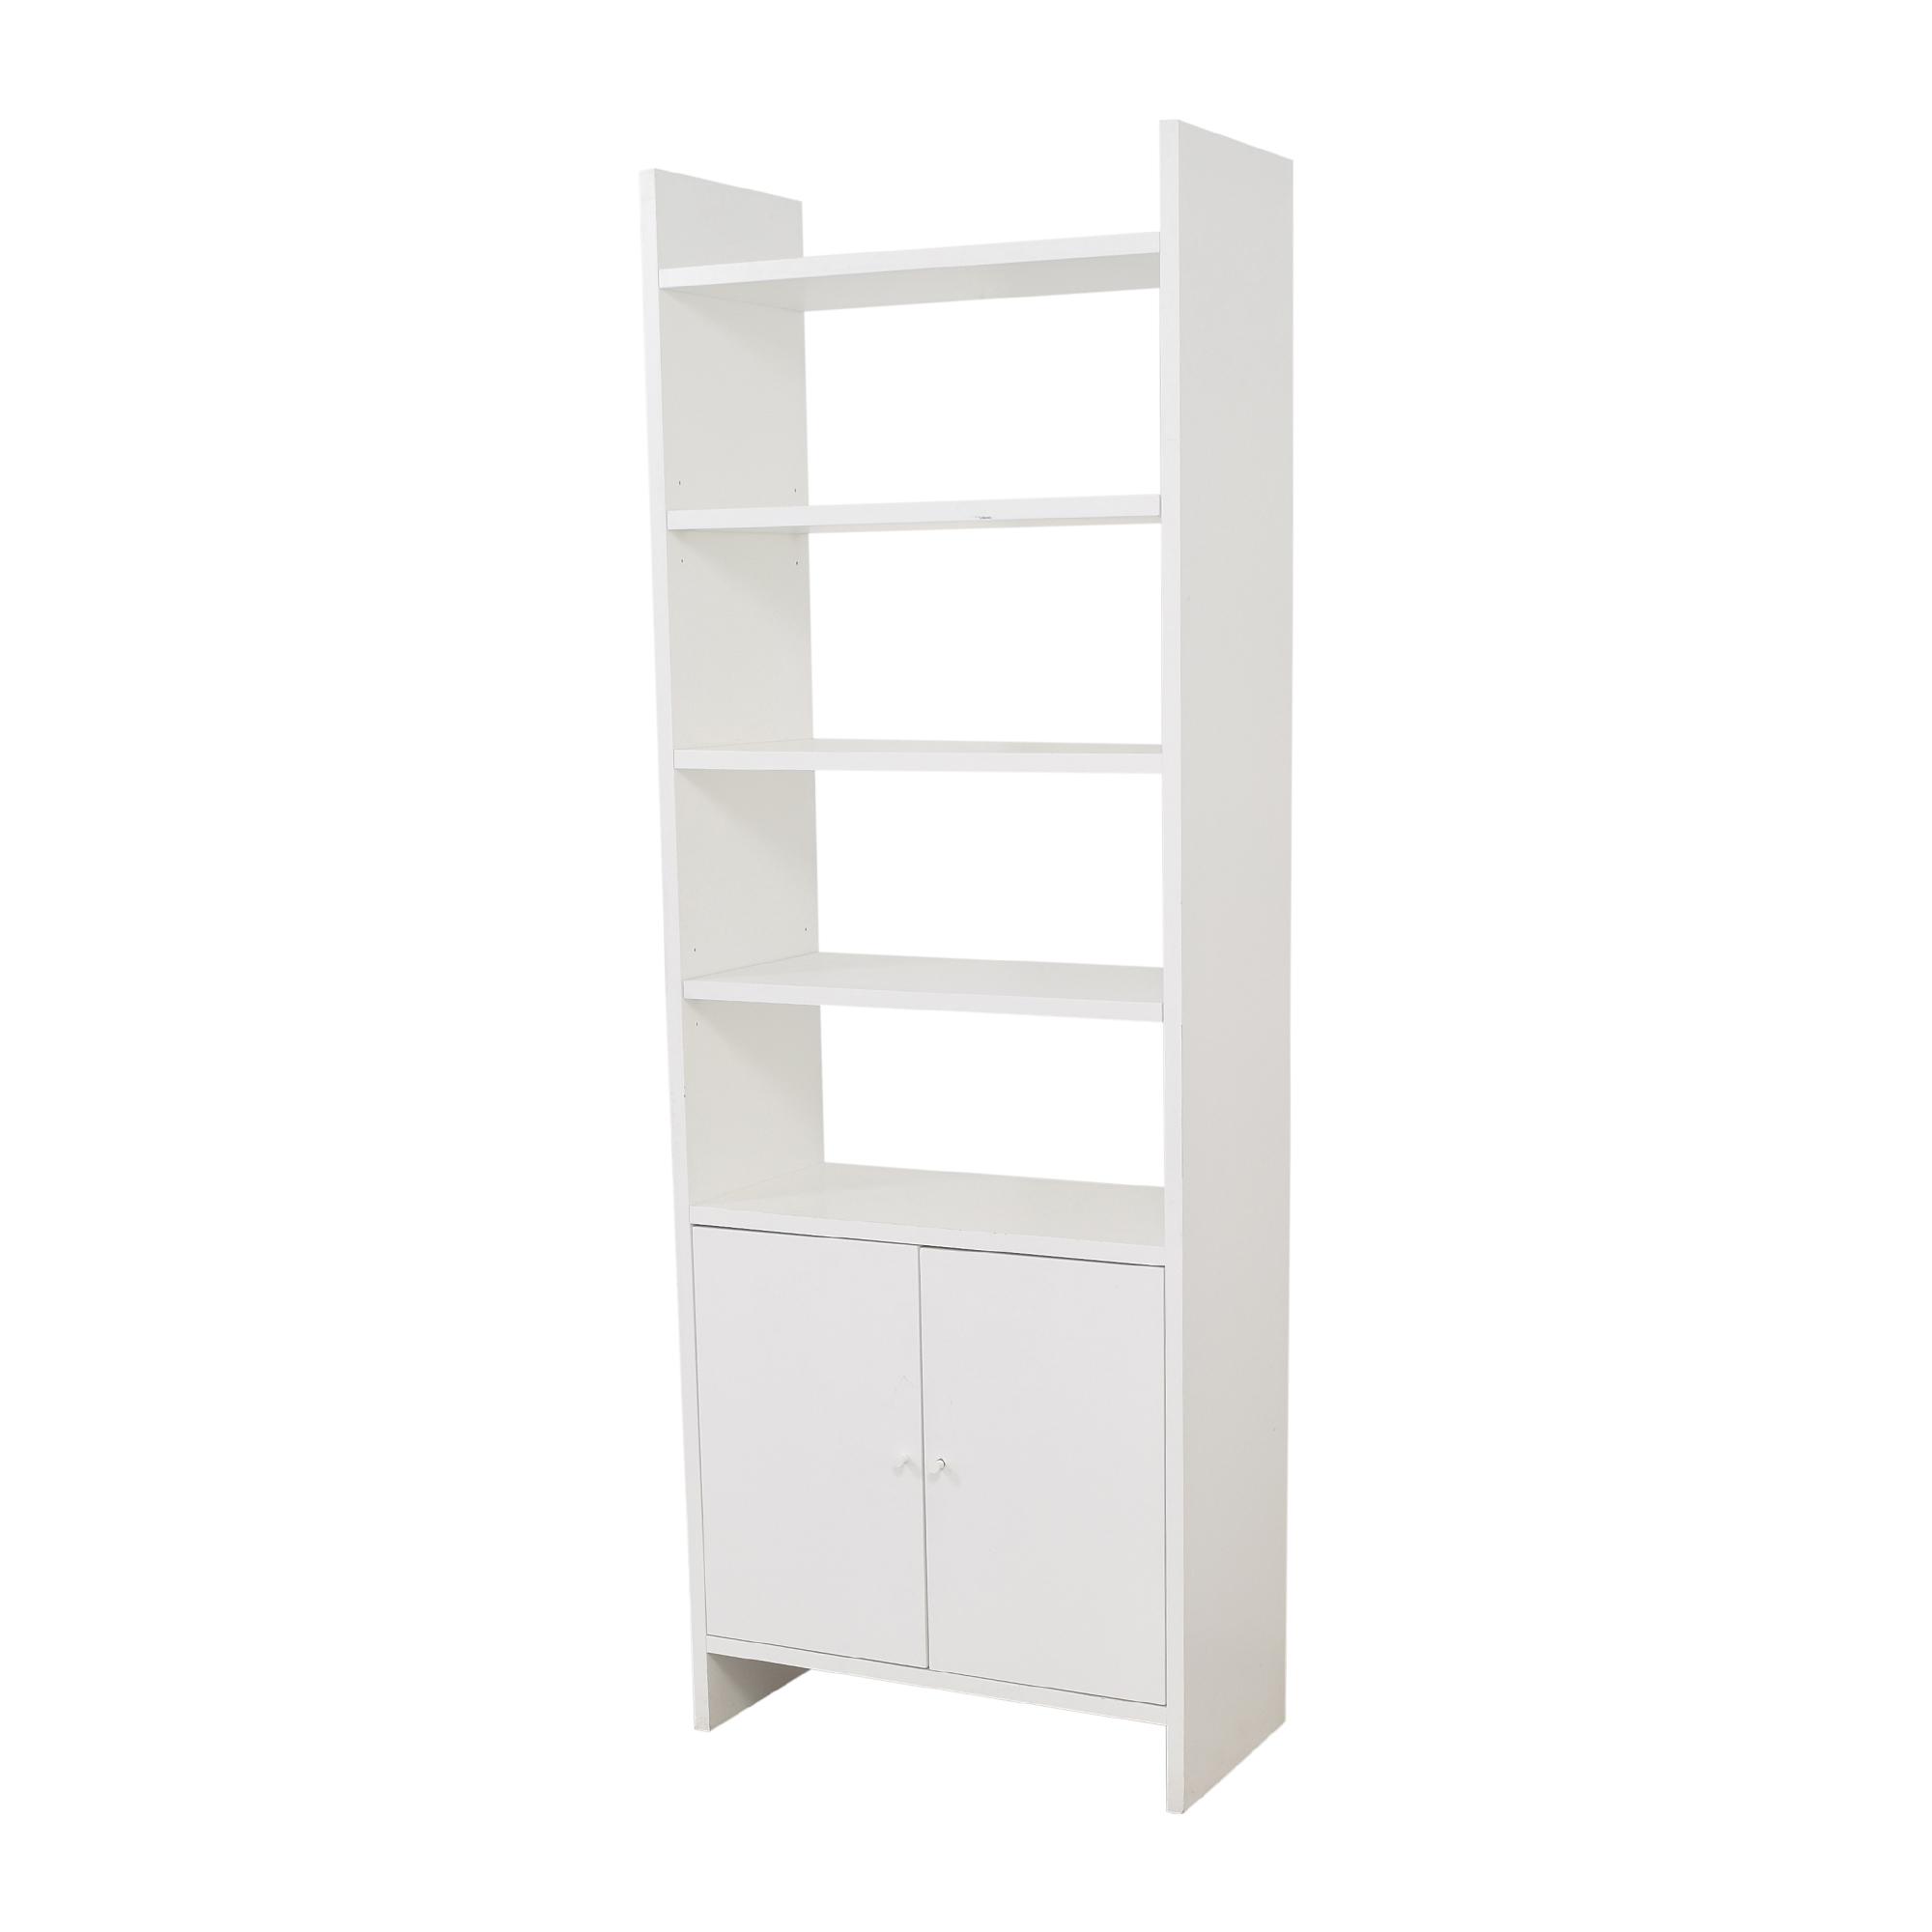 Room & Board Room & Board Addison Bookcase nj